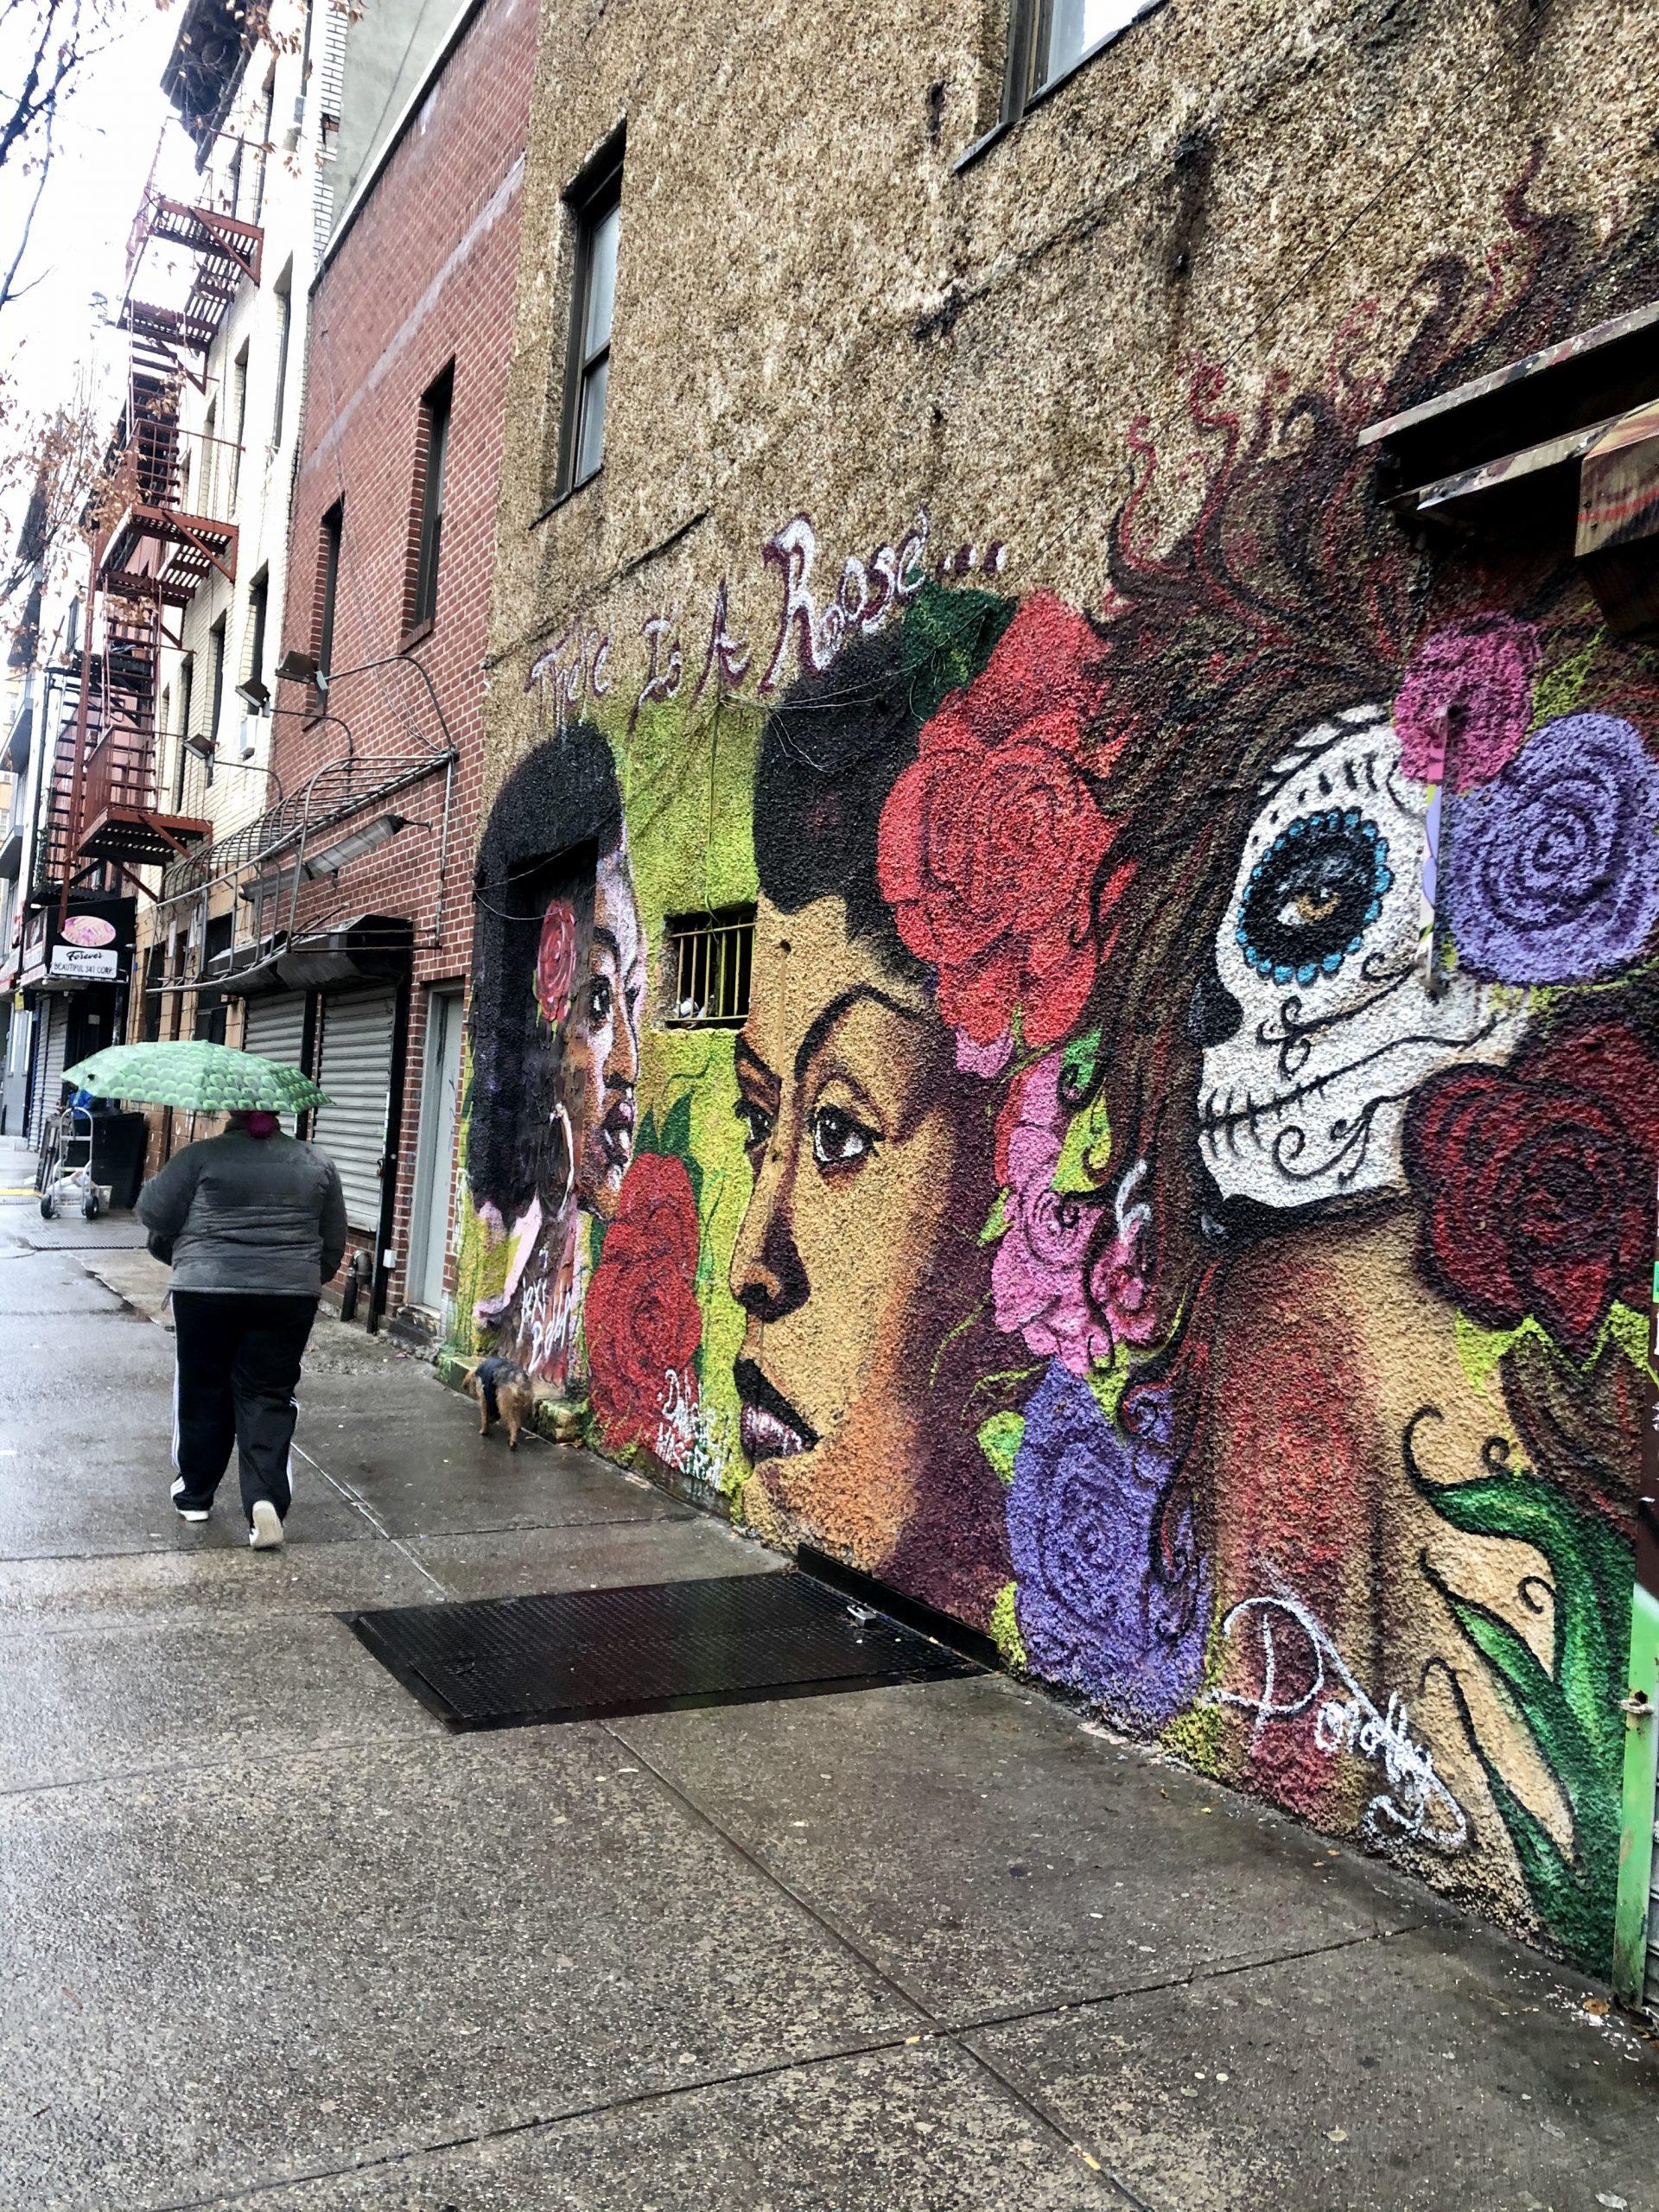 East Harlem, también conocido como el Harlem Hispano o El Barrio, no solo es uno de los vecindarios más pobres de Manhattan, sino también la zona más afectada por la pandemia. Muchas familias extensas viven y comparten pequeños departamentos en los cuales el virus se propaga rápidamente y muchos adultos han perdido sus mal pagados trabajos en el sector de servicios. «La gente ha respondido a las necesidades de sus familias con fuerza y valentía –dice la Hermana Suzanne–. Pero resulta difícil porque, debido al cierre, ya no pueden trabajar como mucamas, empleadas de servicio, o cocineros en los restaurantes». (Foto de Catherine Walsh)